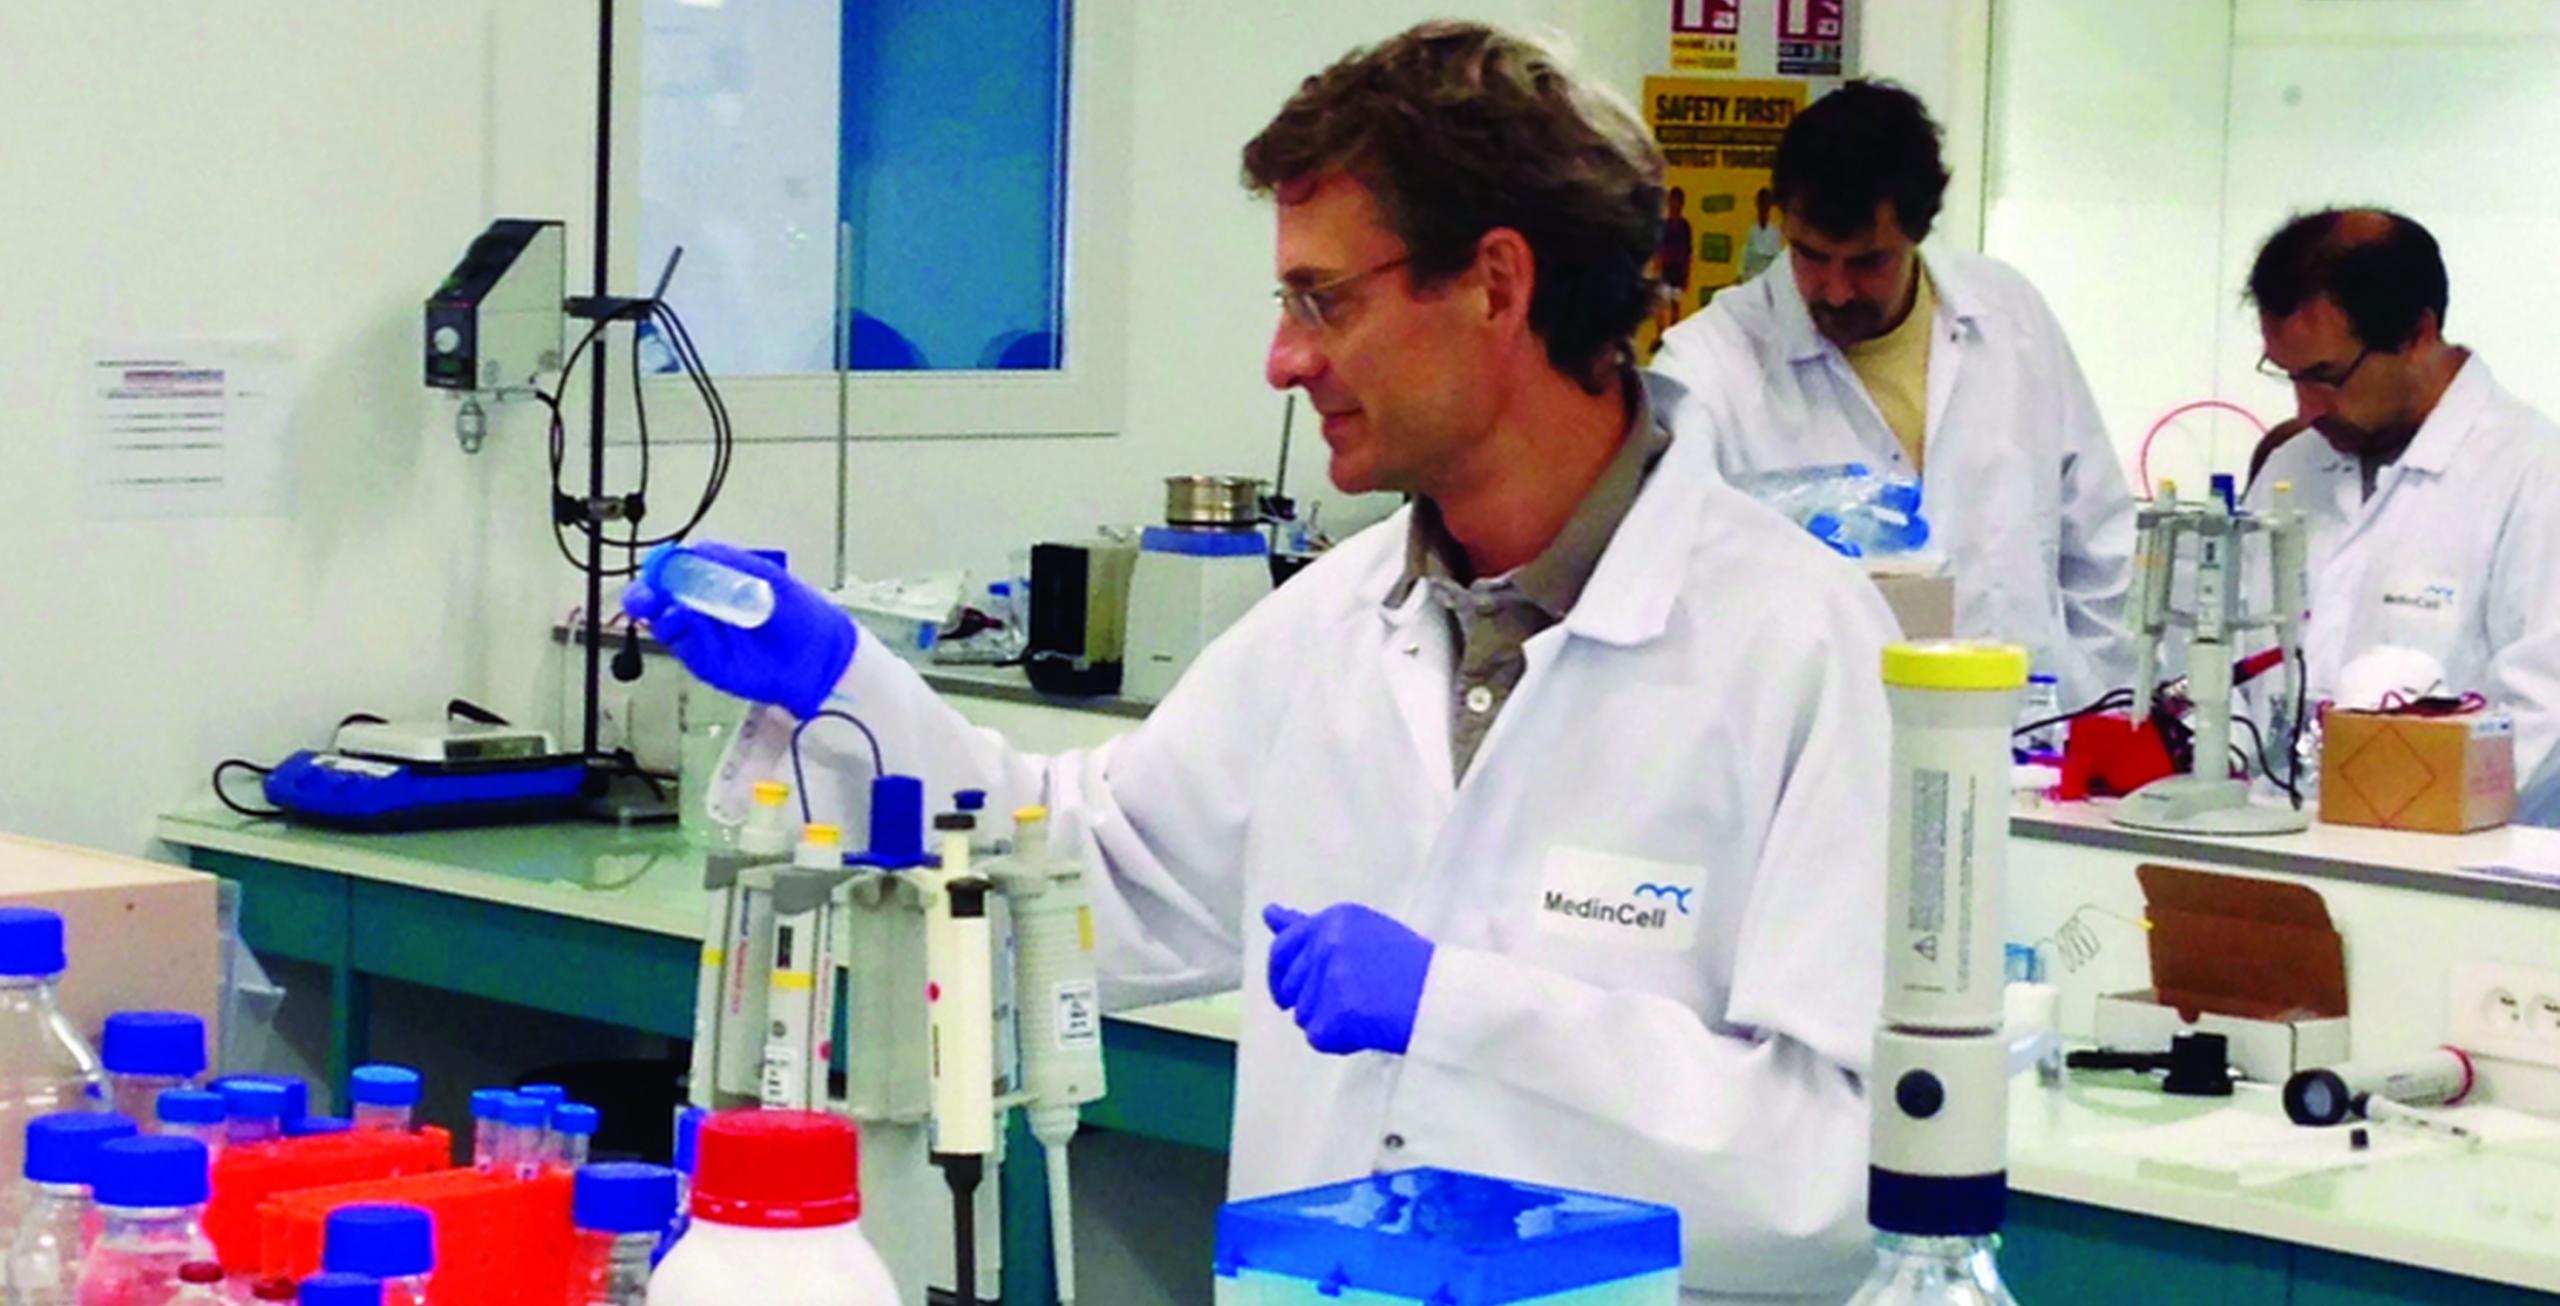 Compania MedinCell dezvoltă o formulă injectabilă a ivermectinei, care oferă protecție pe termen lung împotriva Covid-19